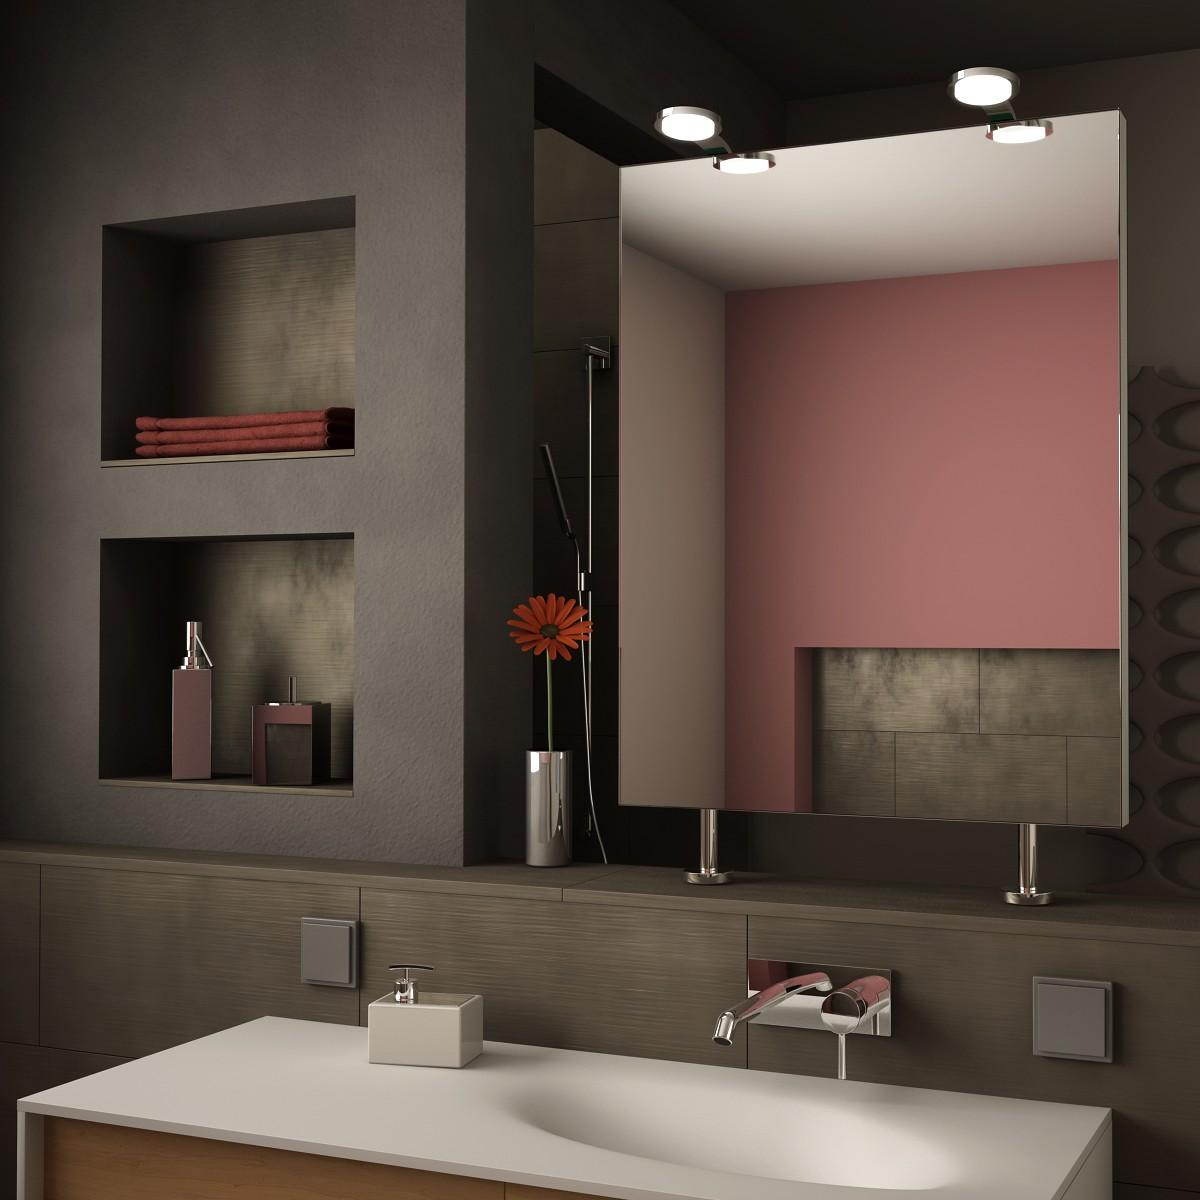 Spiegel Raumteiler mit Leuchte Sara